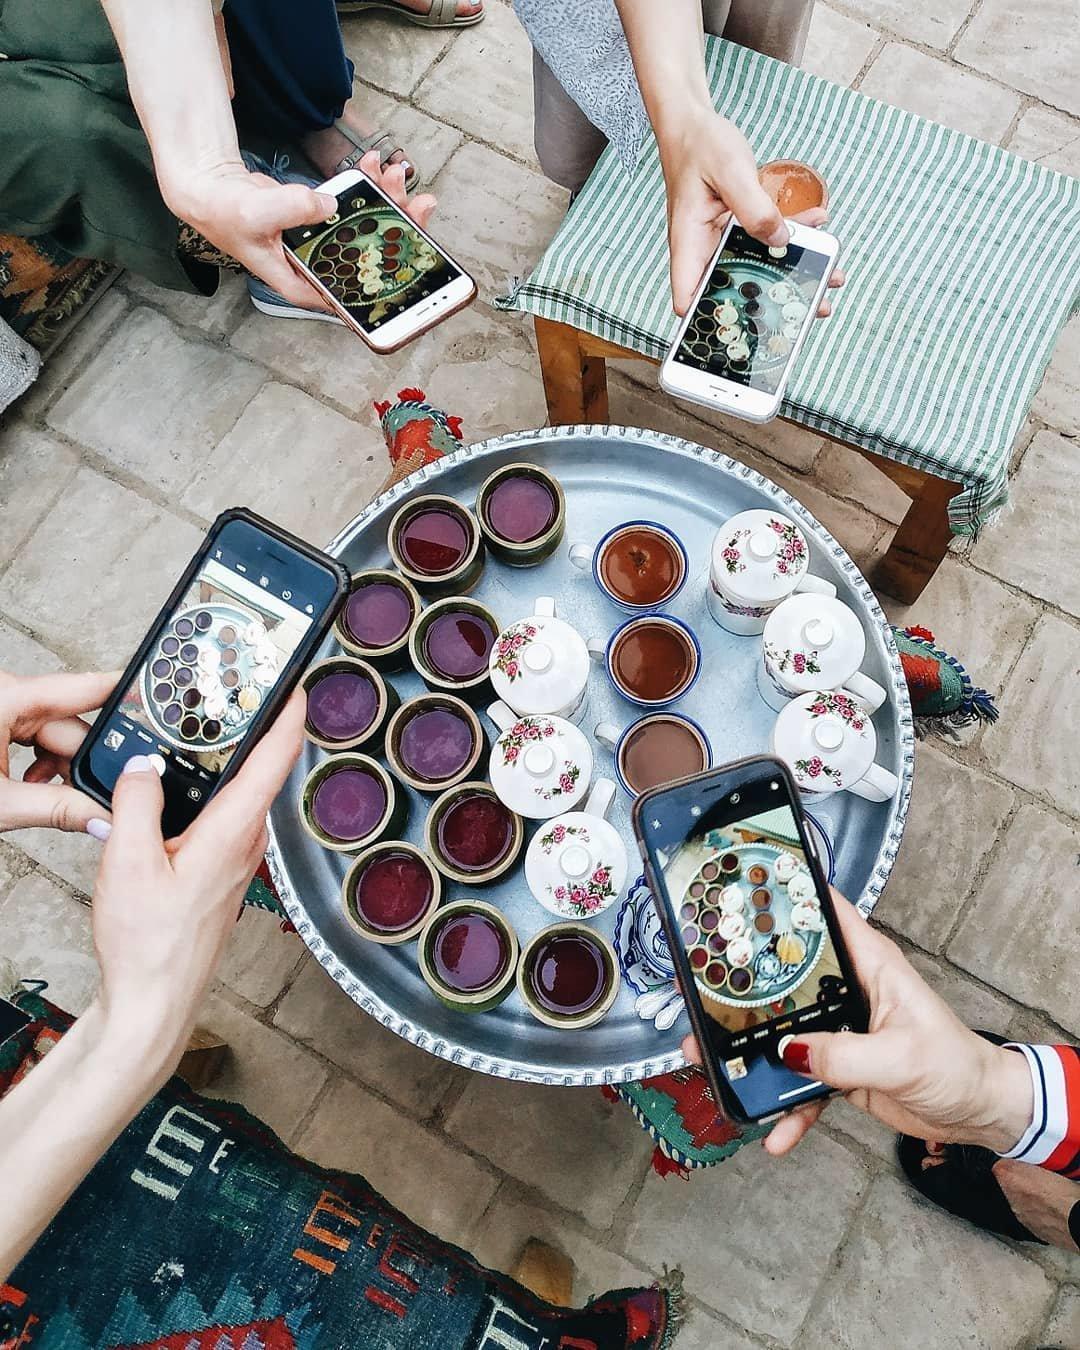 Город роз, персидские дворцы и Медина. Как харьковчанка провела две недели в Иране и Марокко, - ФОТО, фото-11